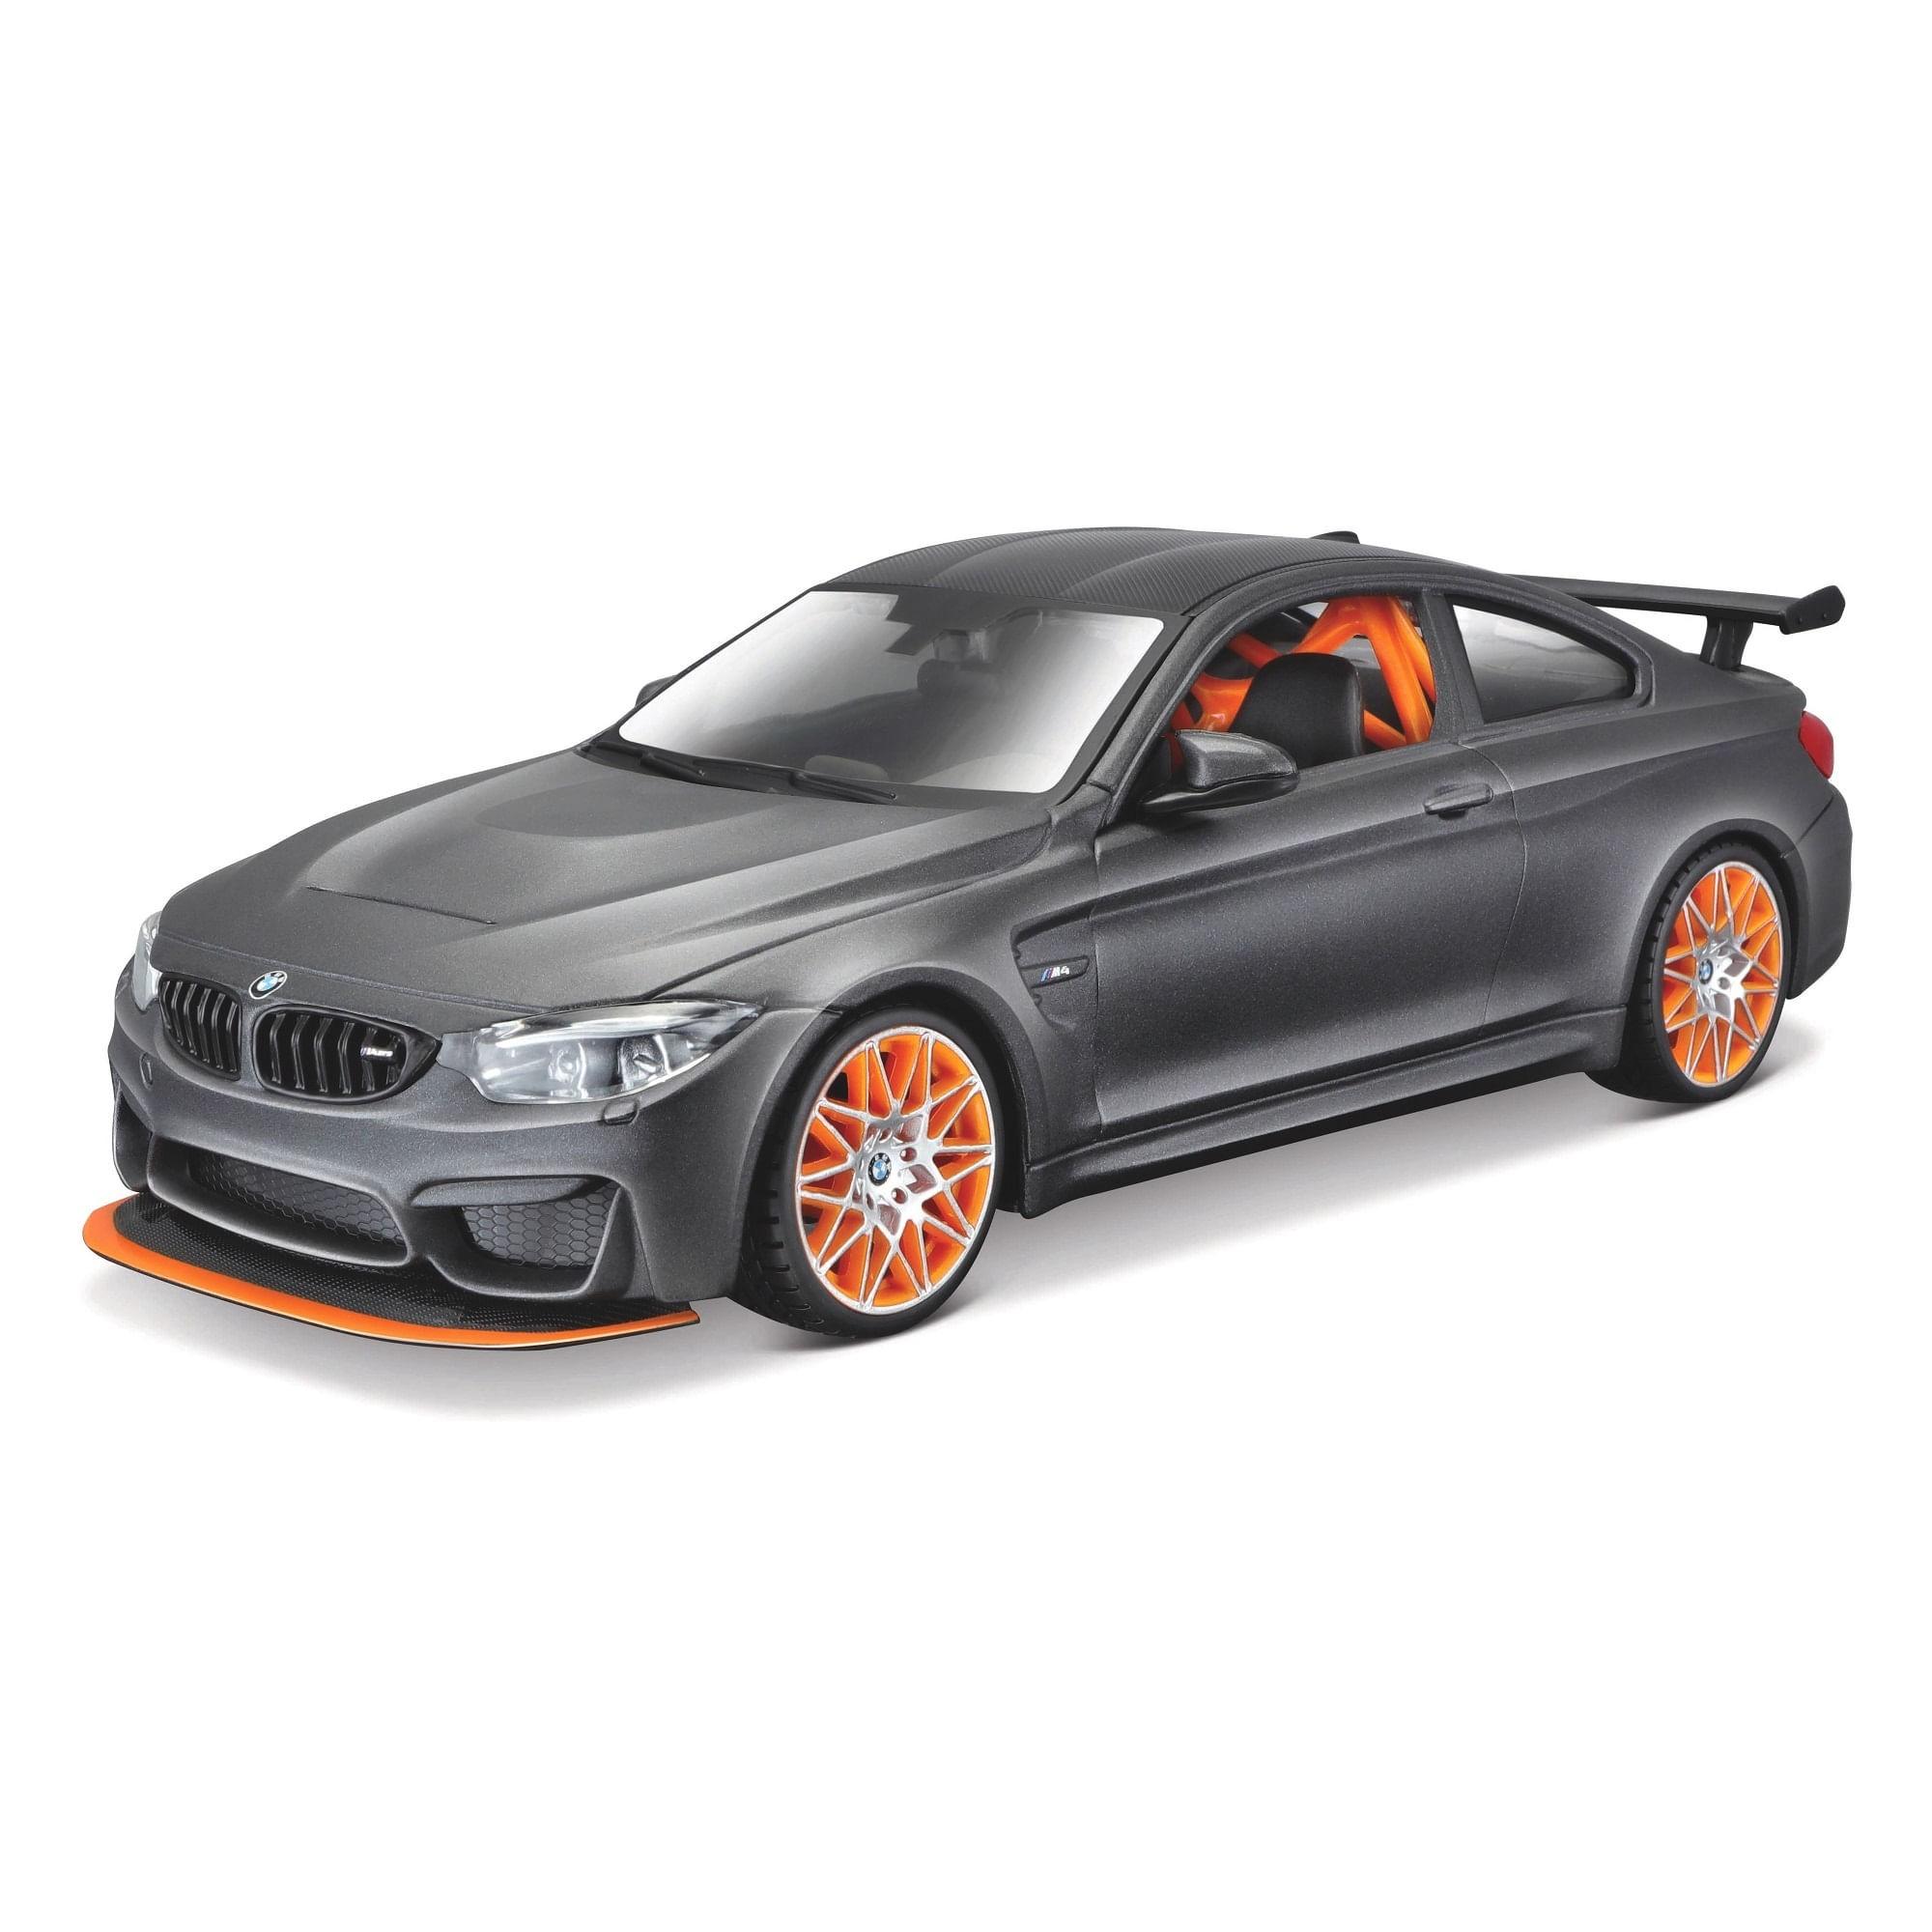 Miniatura BMW GTS Kit Em Metal 1/24 Maisto